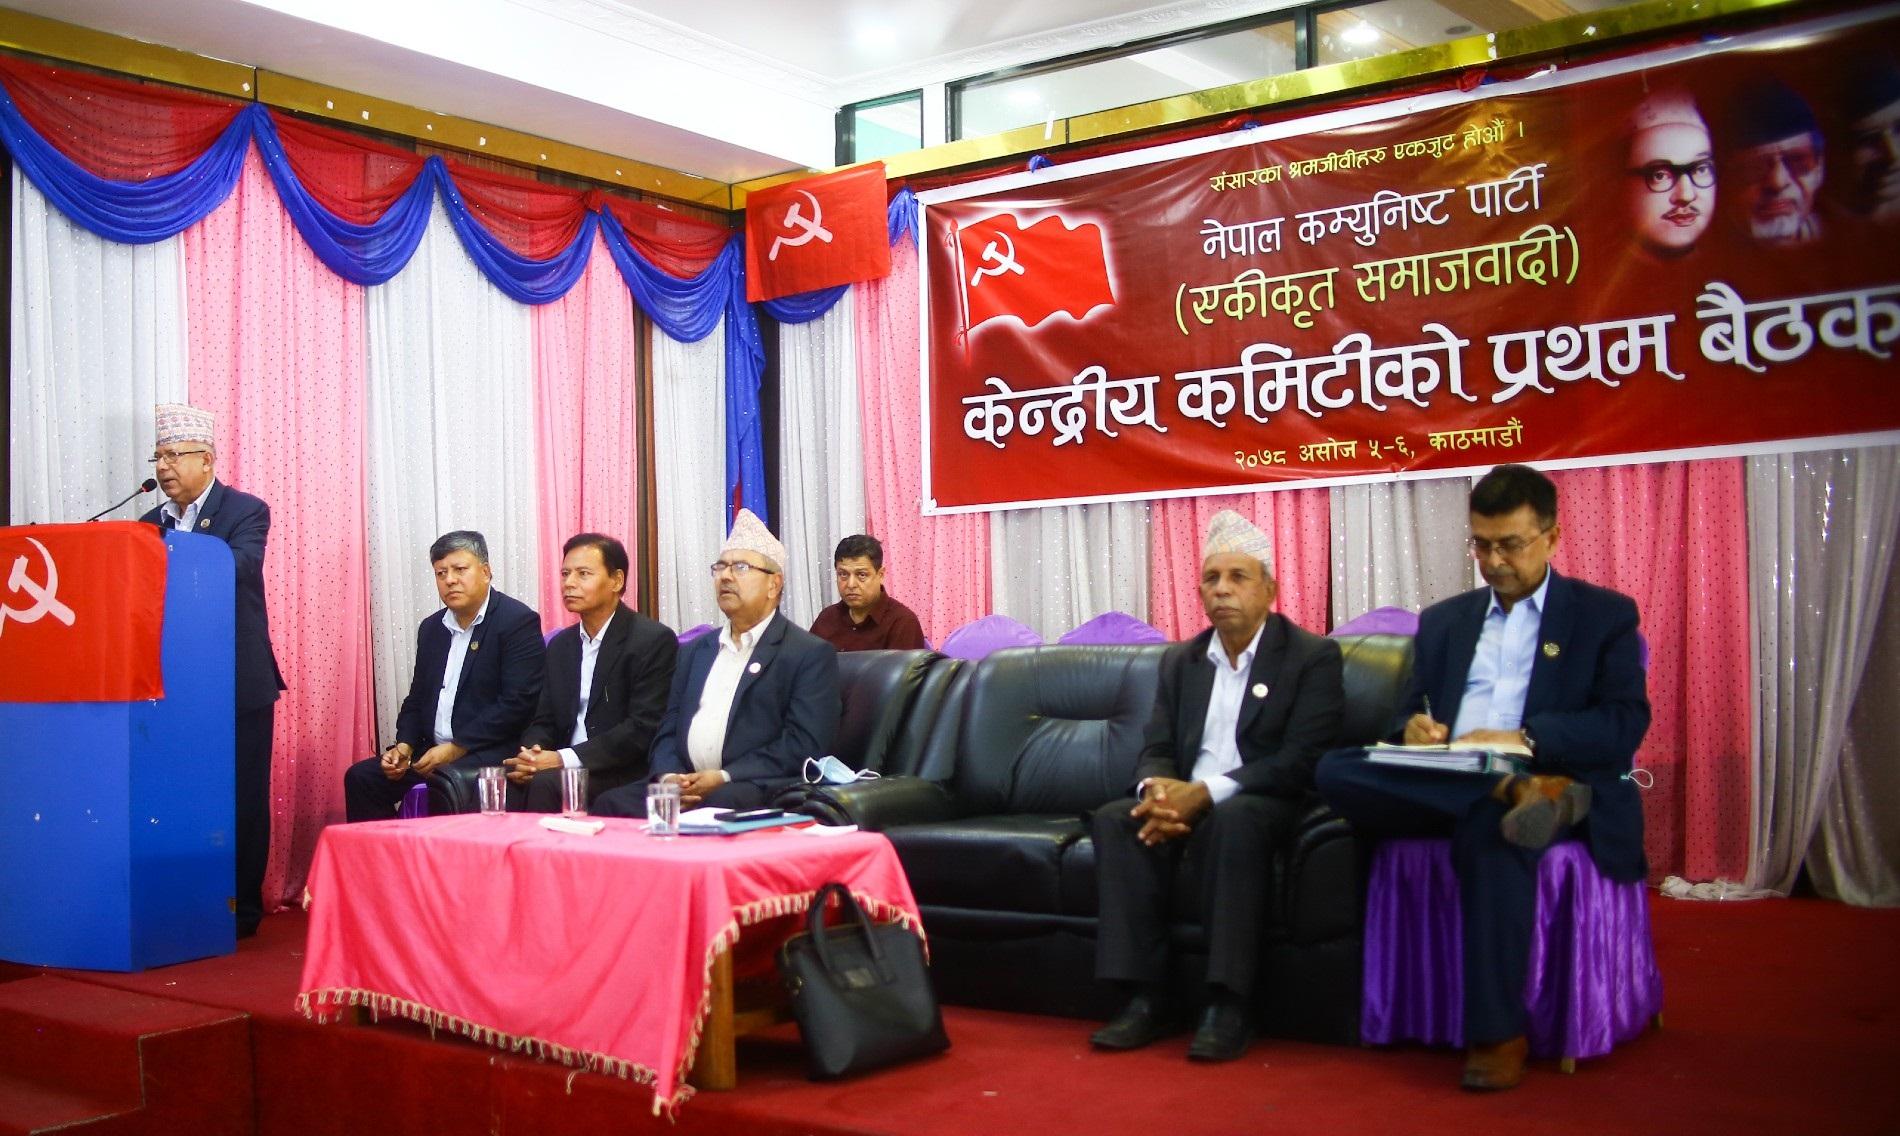 एकीकृत समाजवादीको बैठकमा राजनीतिक प्रतिवेदन पेश